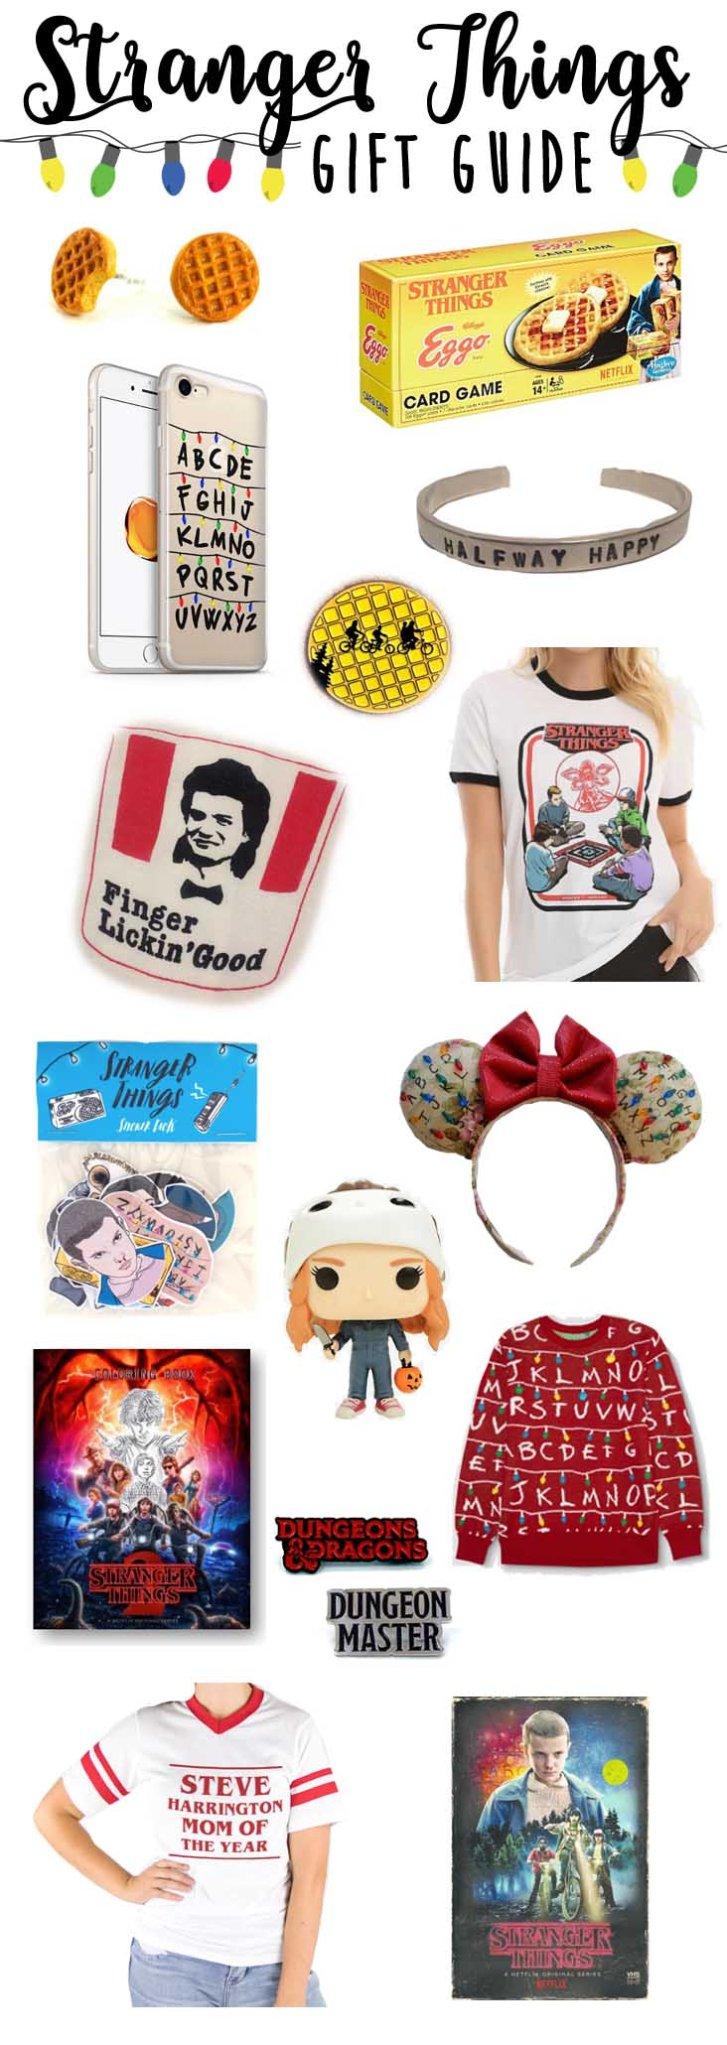 Gift ideas for the Stranger Things fan